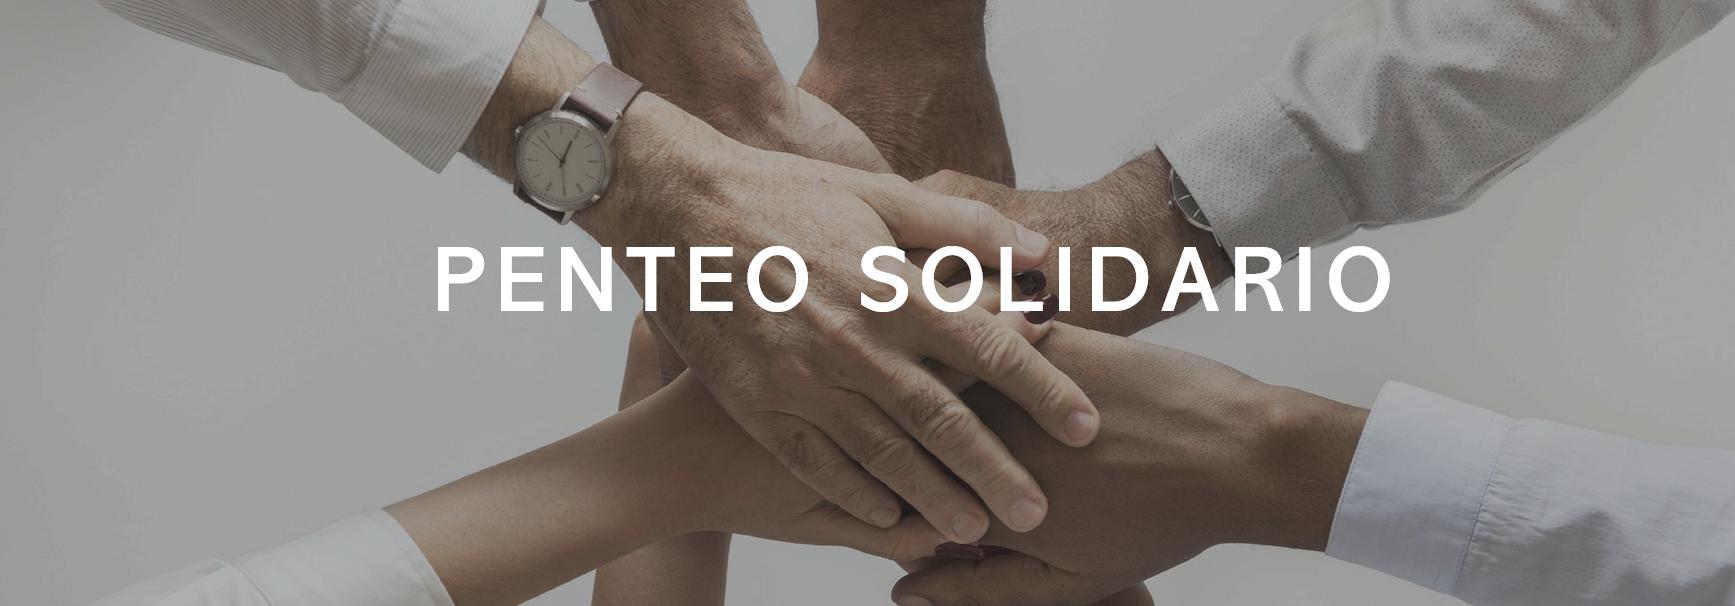 penteo solidario 2